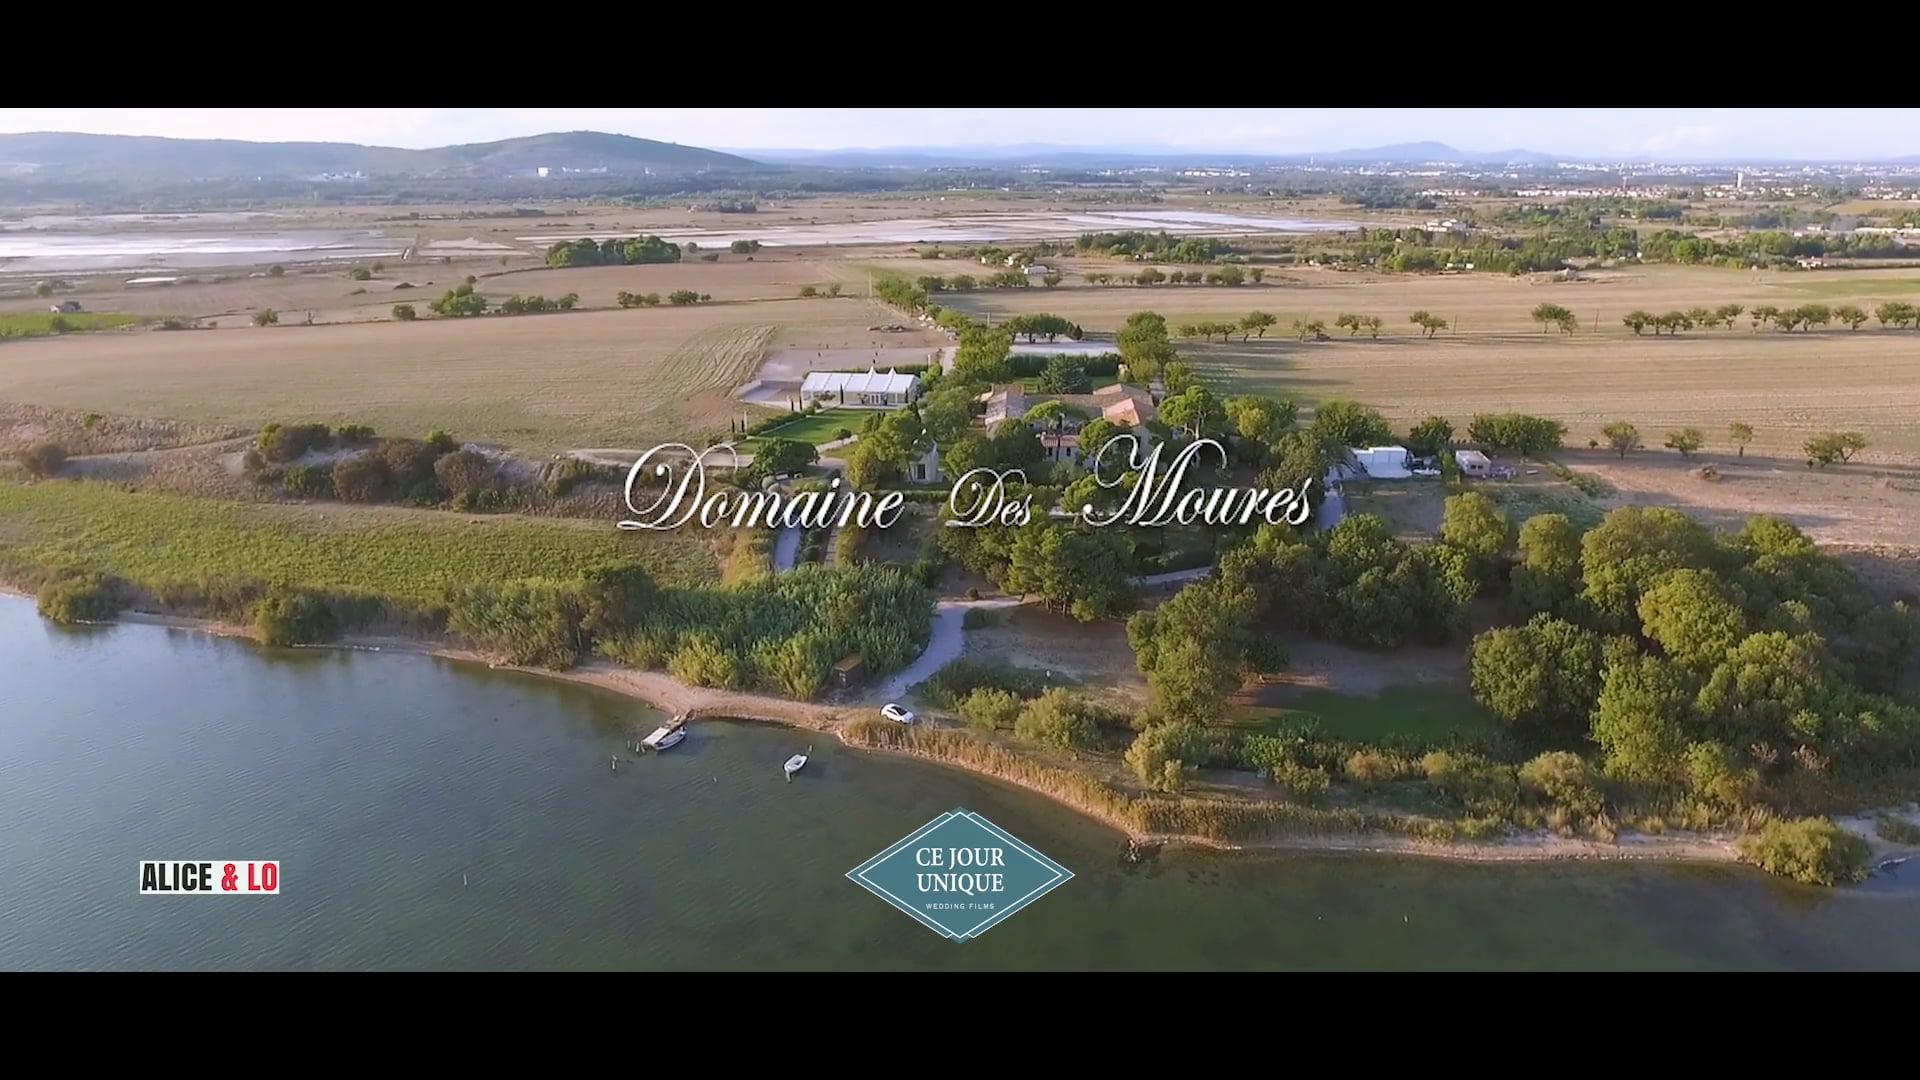 Domaine des Moures